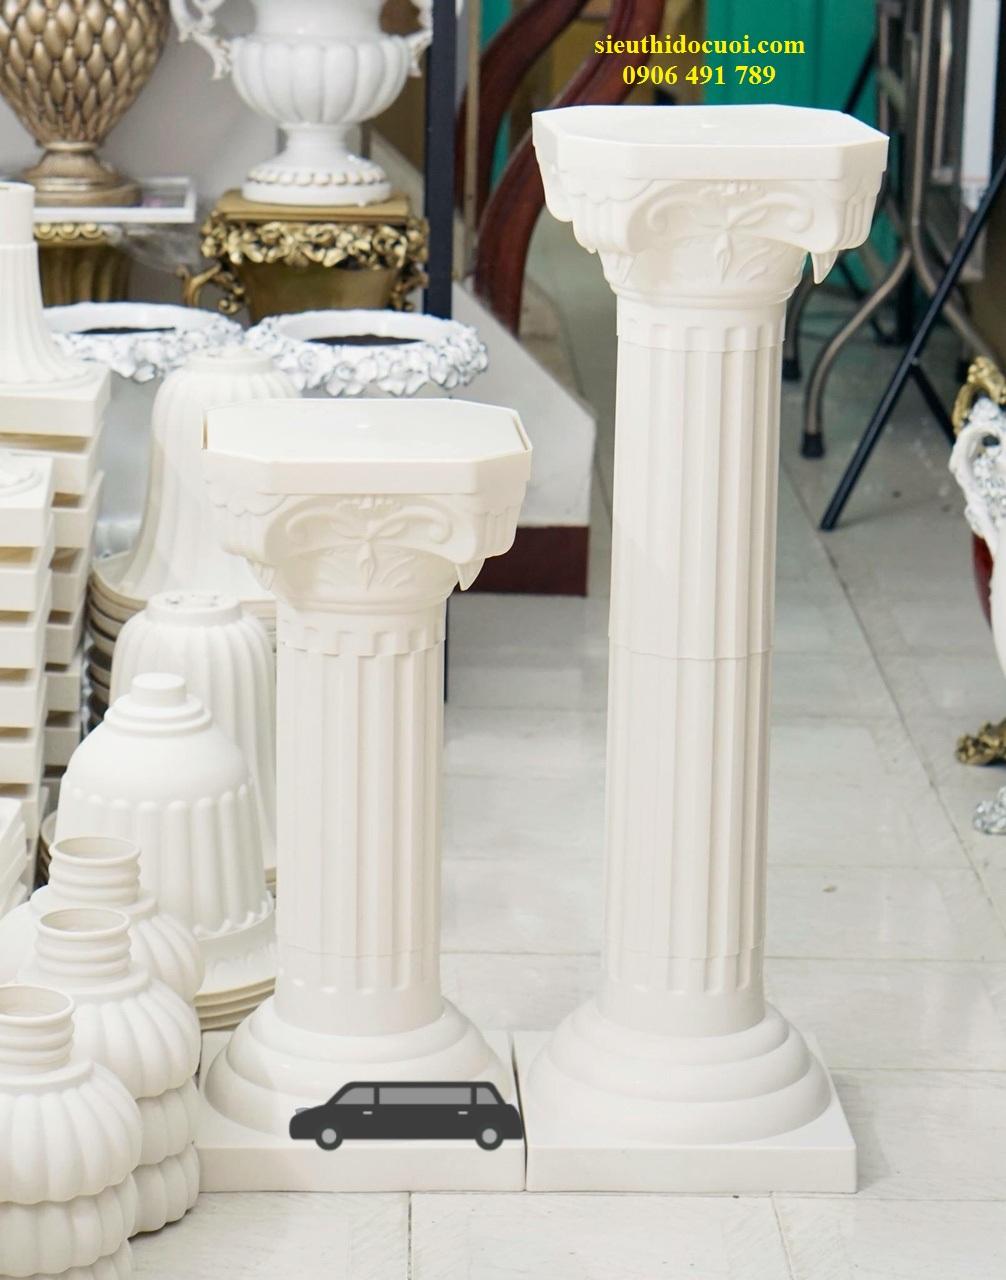 Đôn hoa cưới, trụ hoa cưới bằng chất liệu nhựa